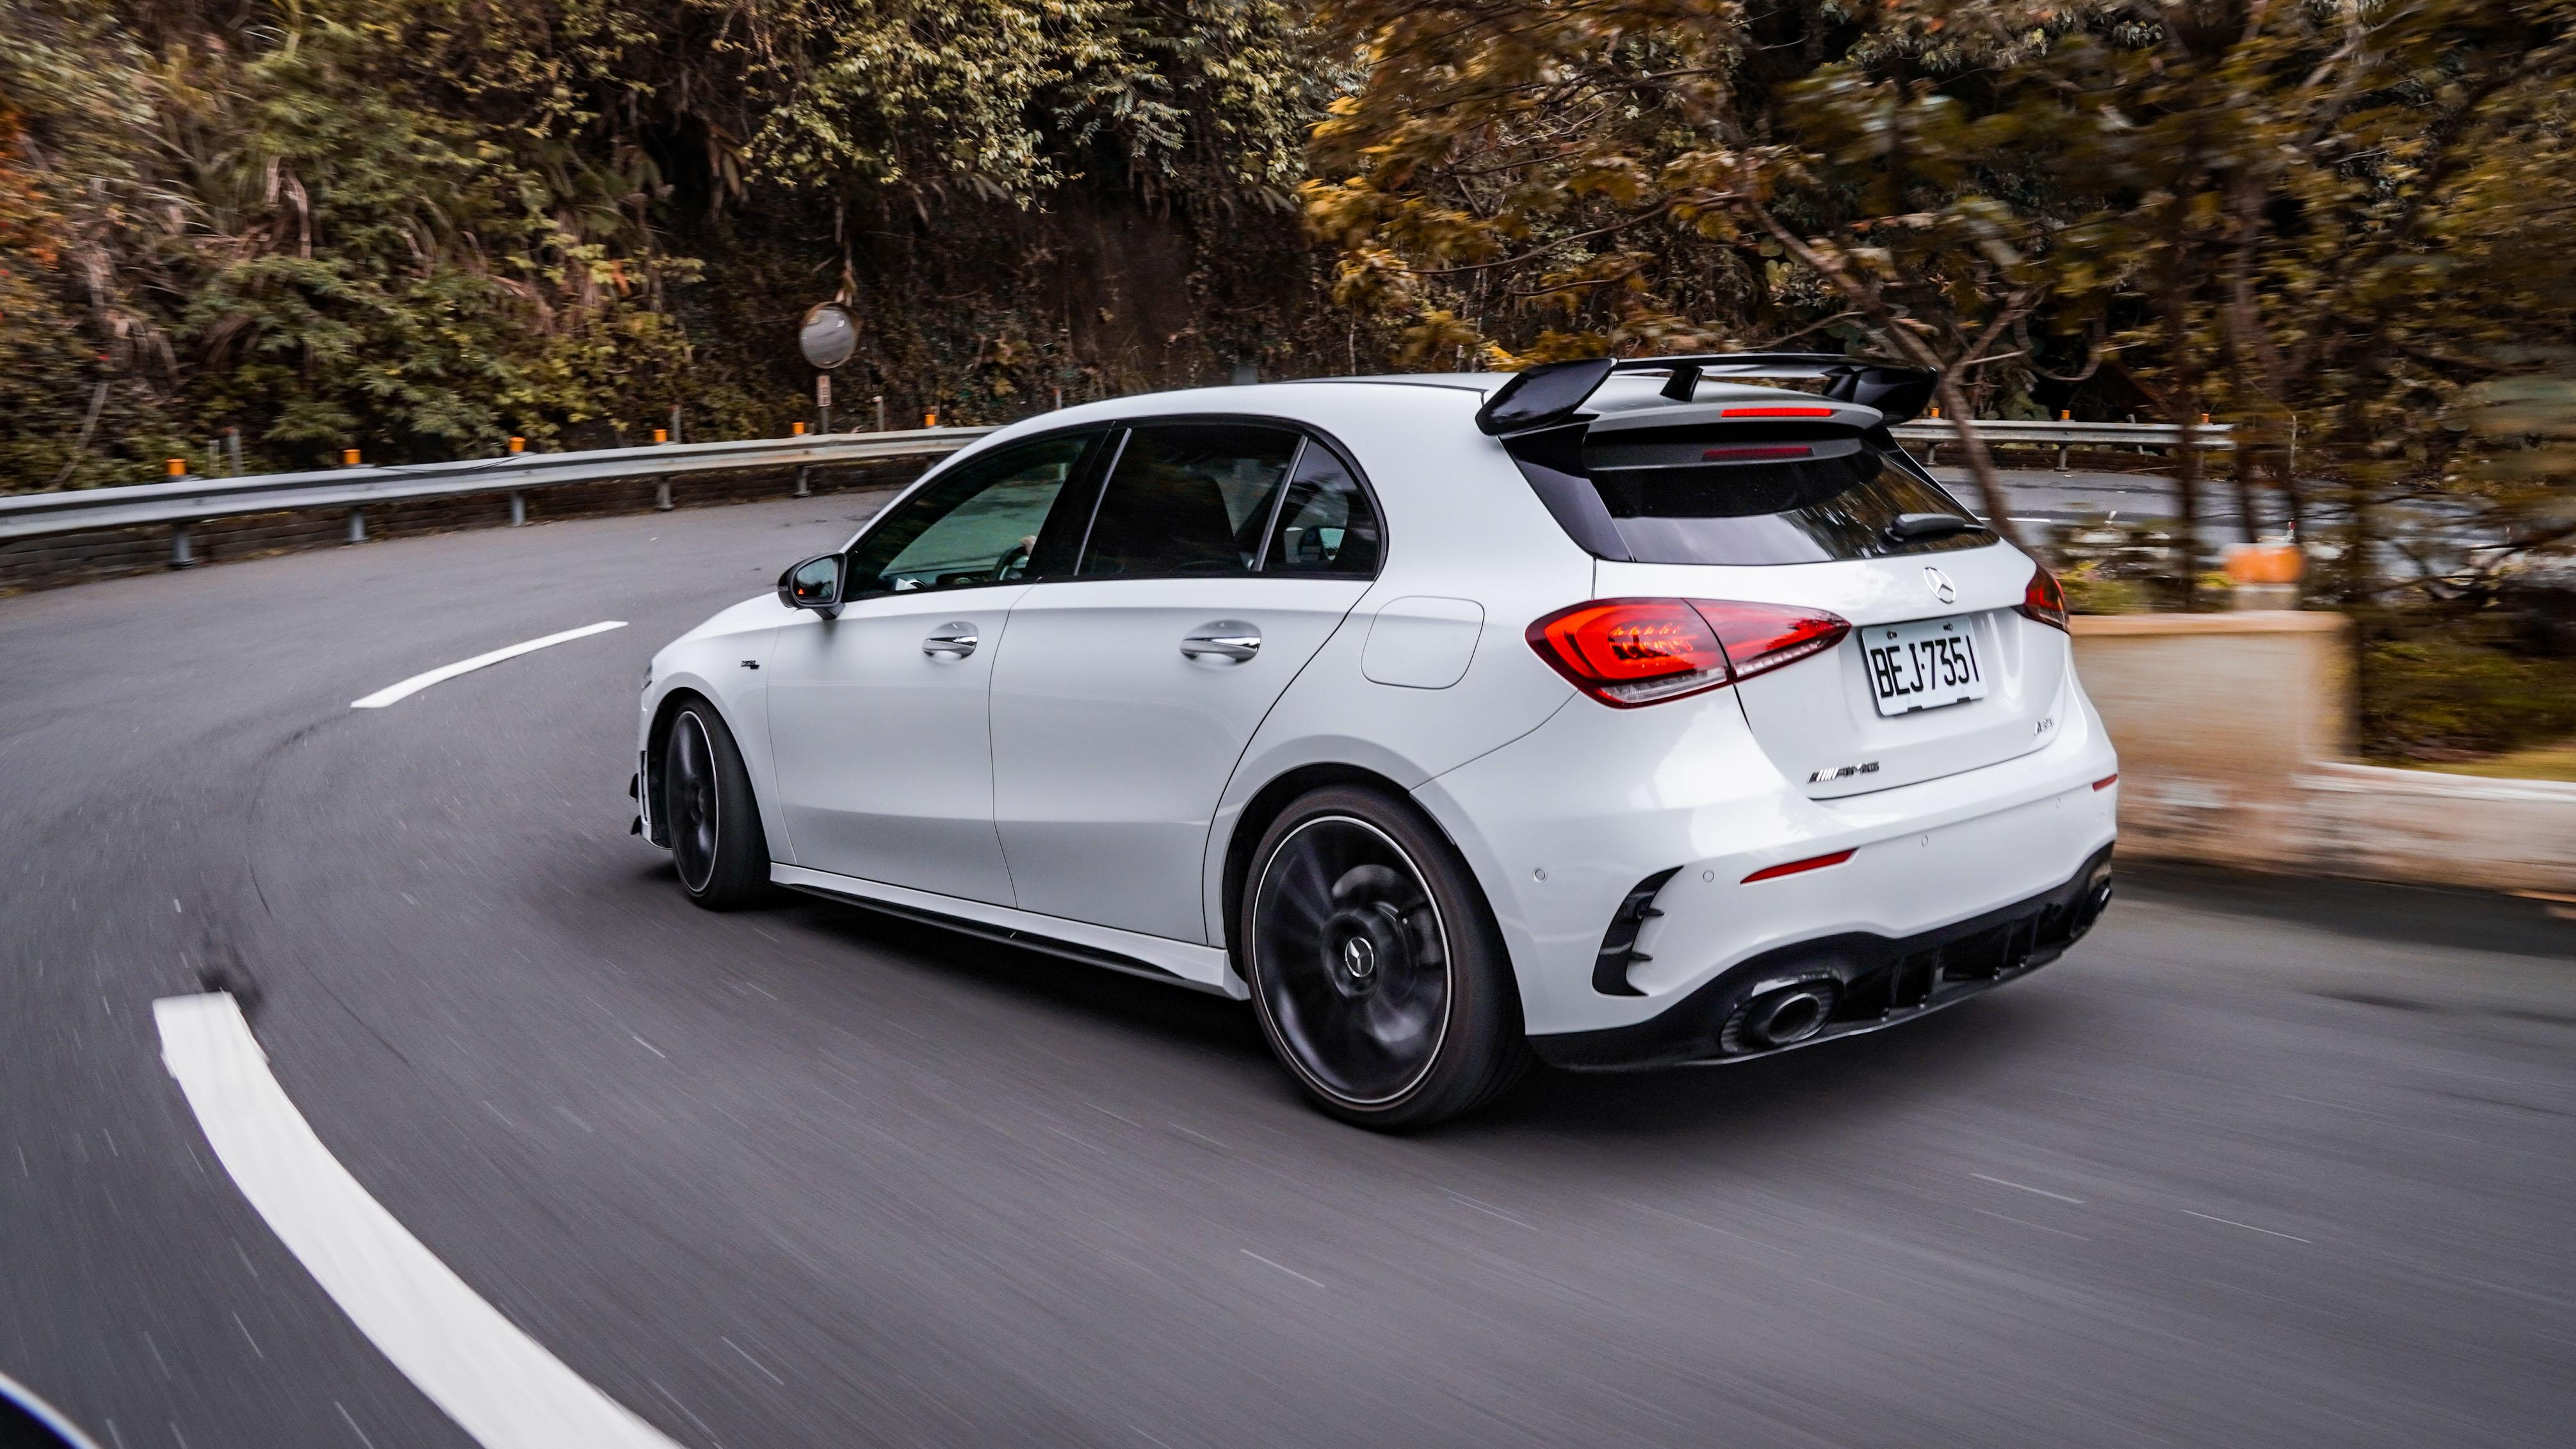 標配 AMG 高性能煞車系統及 AMG 高性能排氣系統。